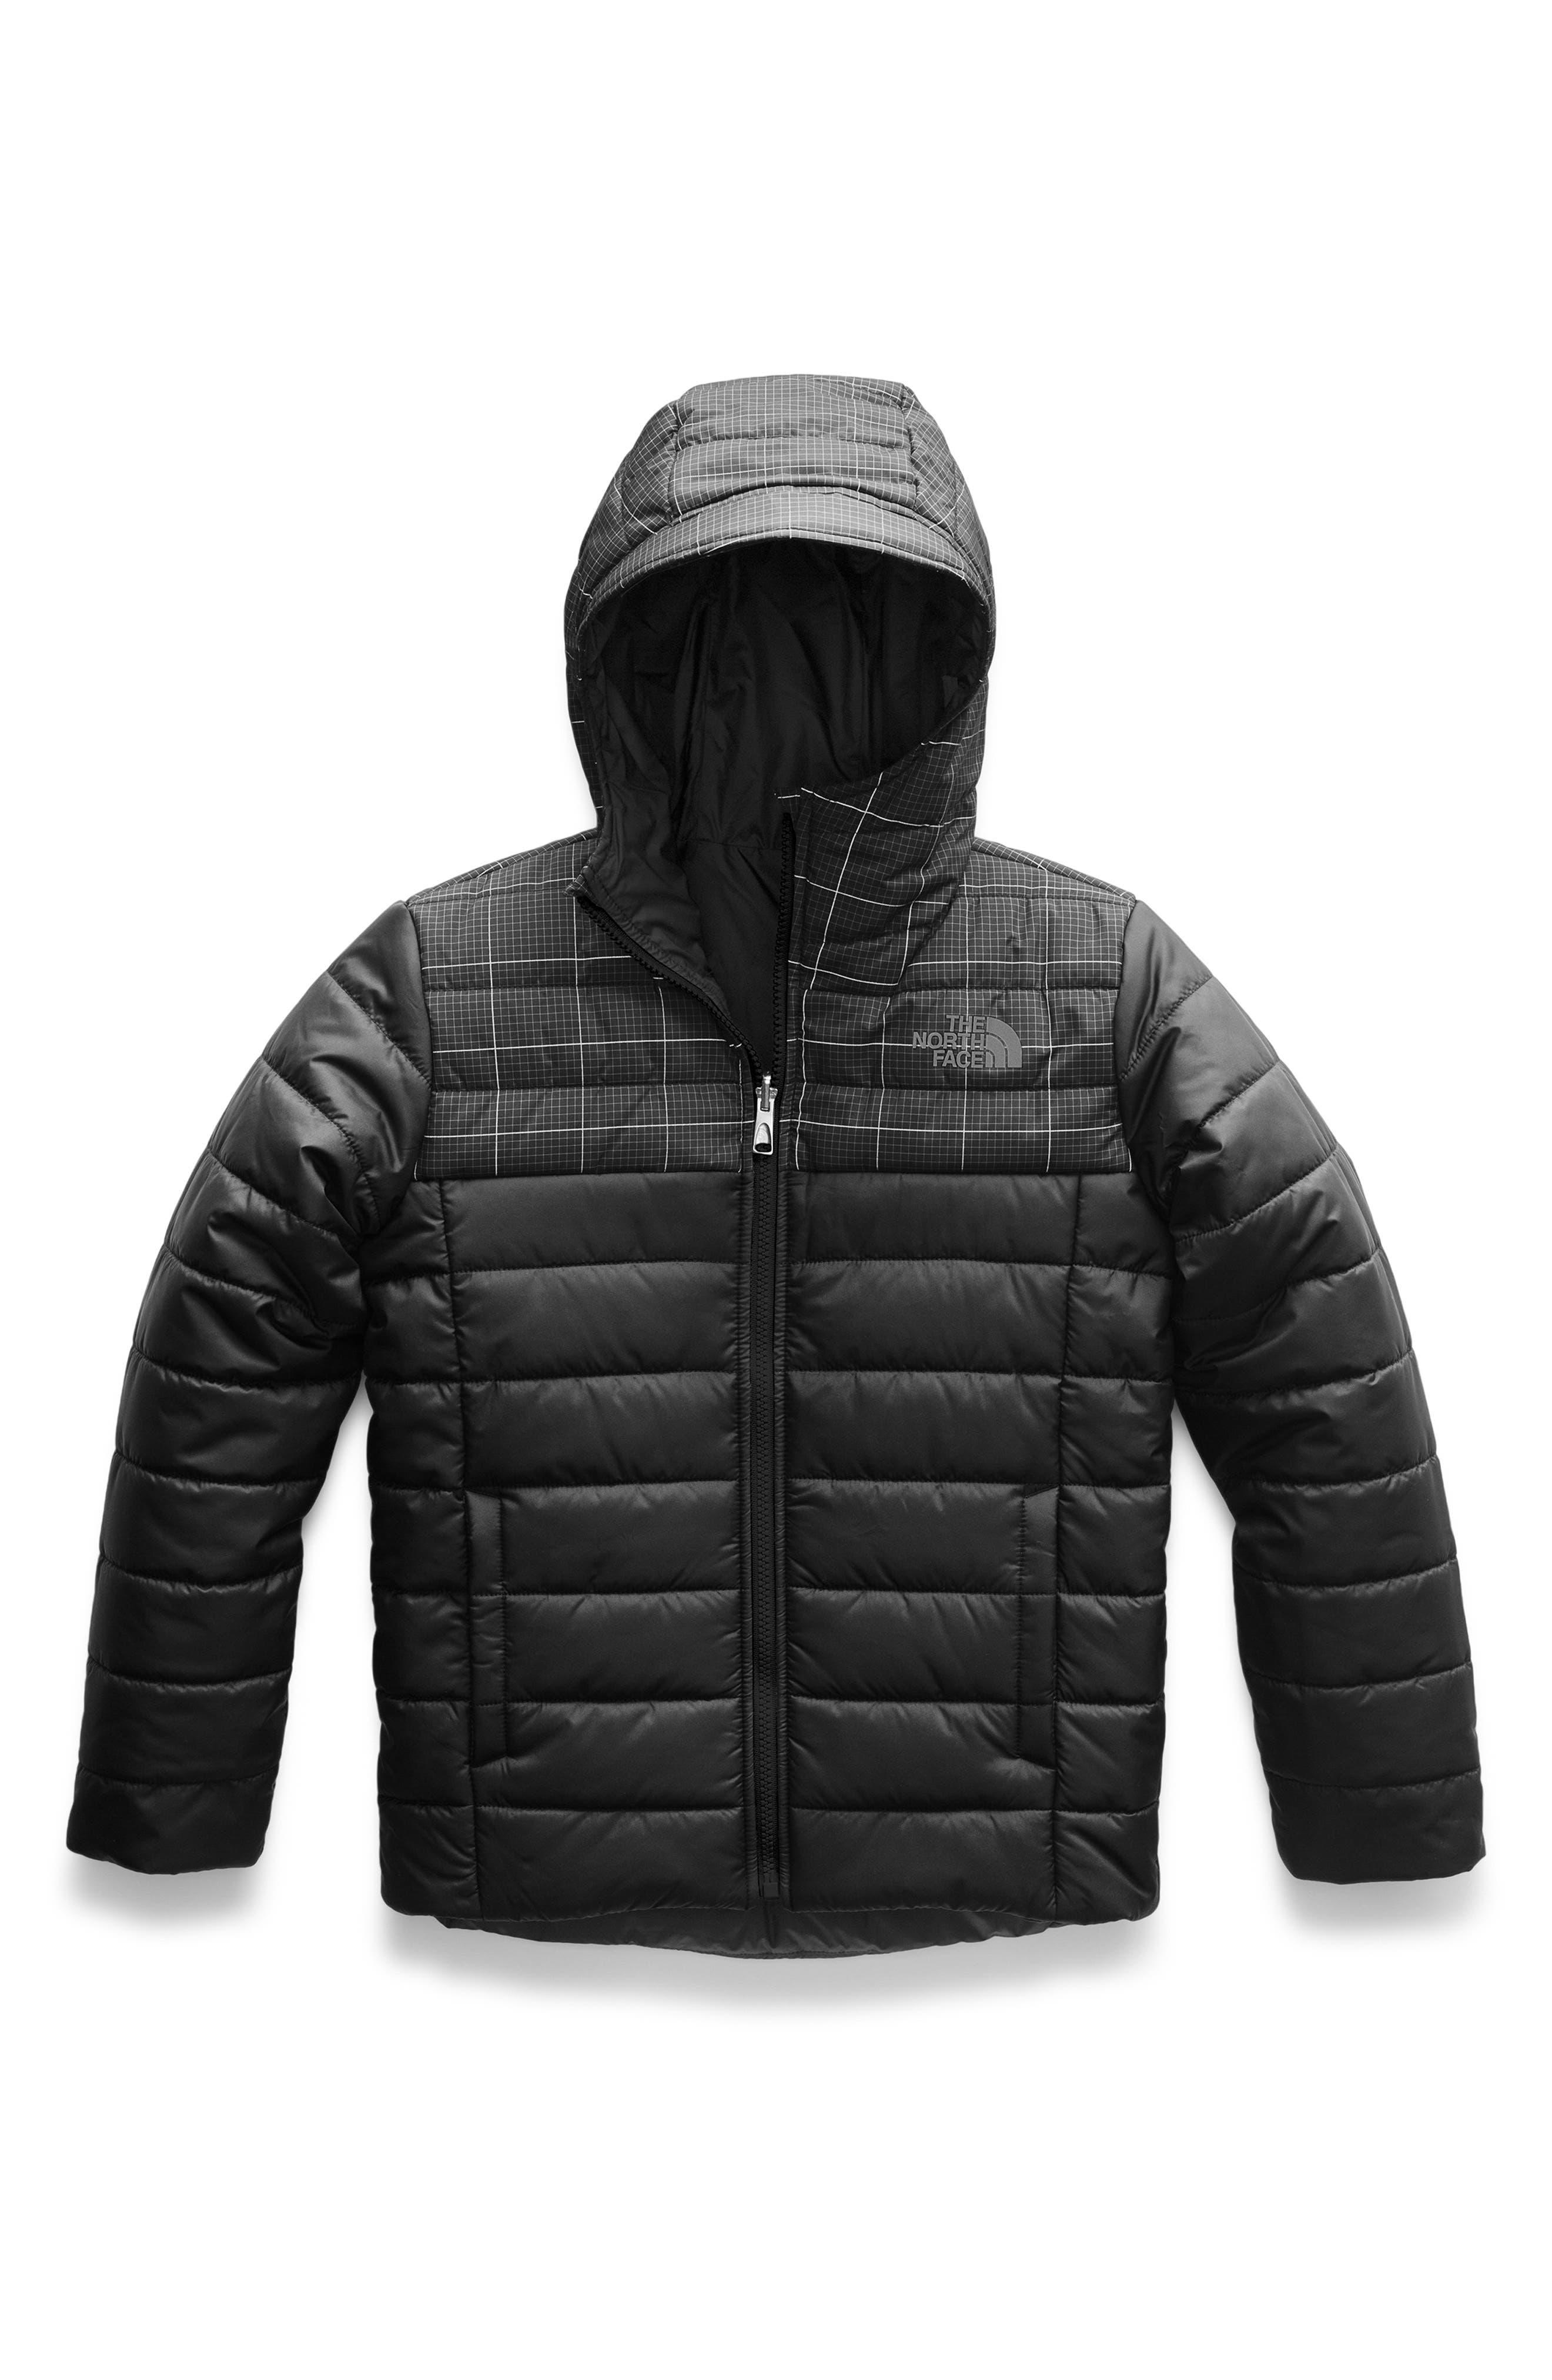 Perrito Reversible Water Resistant Jacket,                         Main,                         color, 001